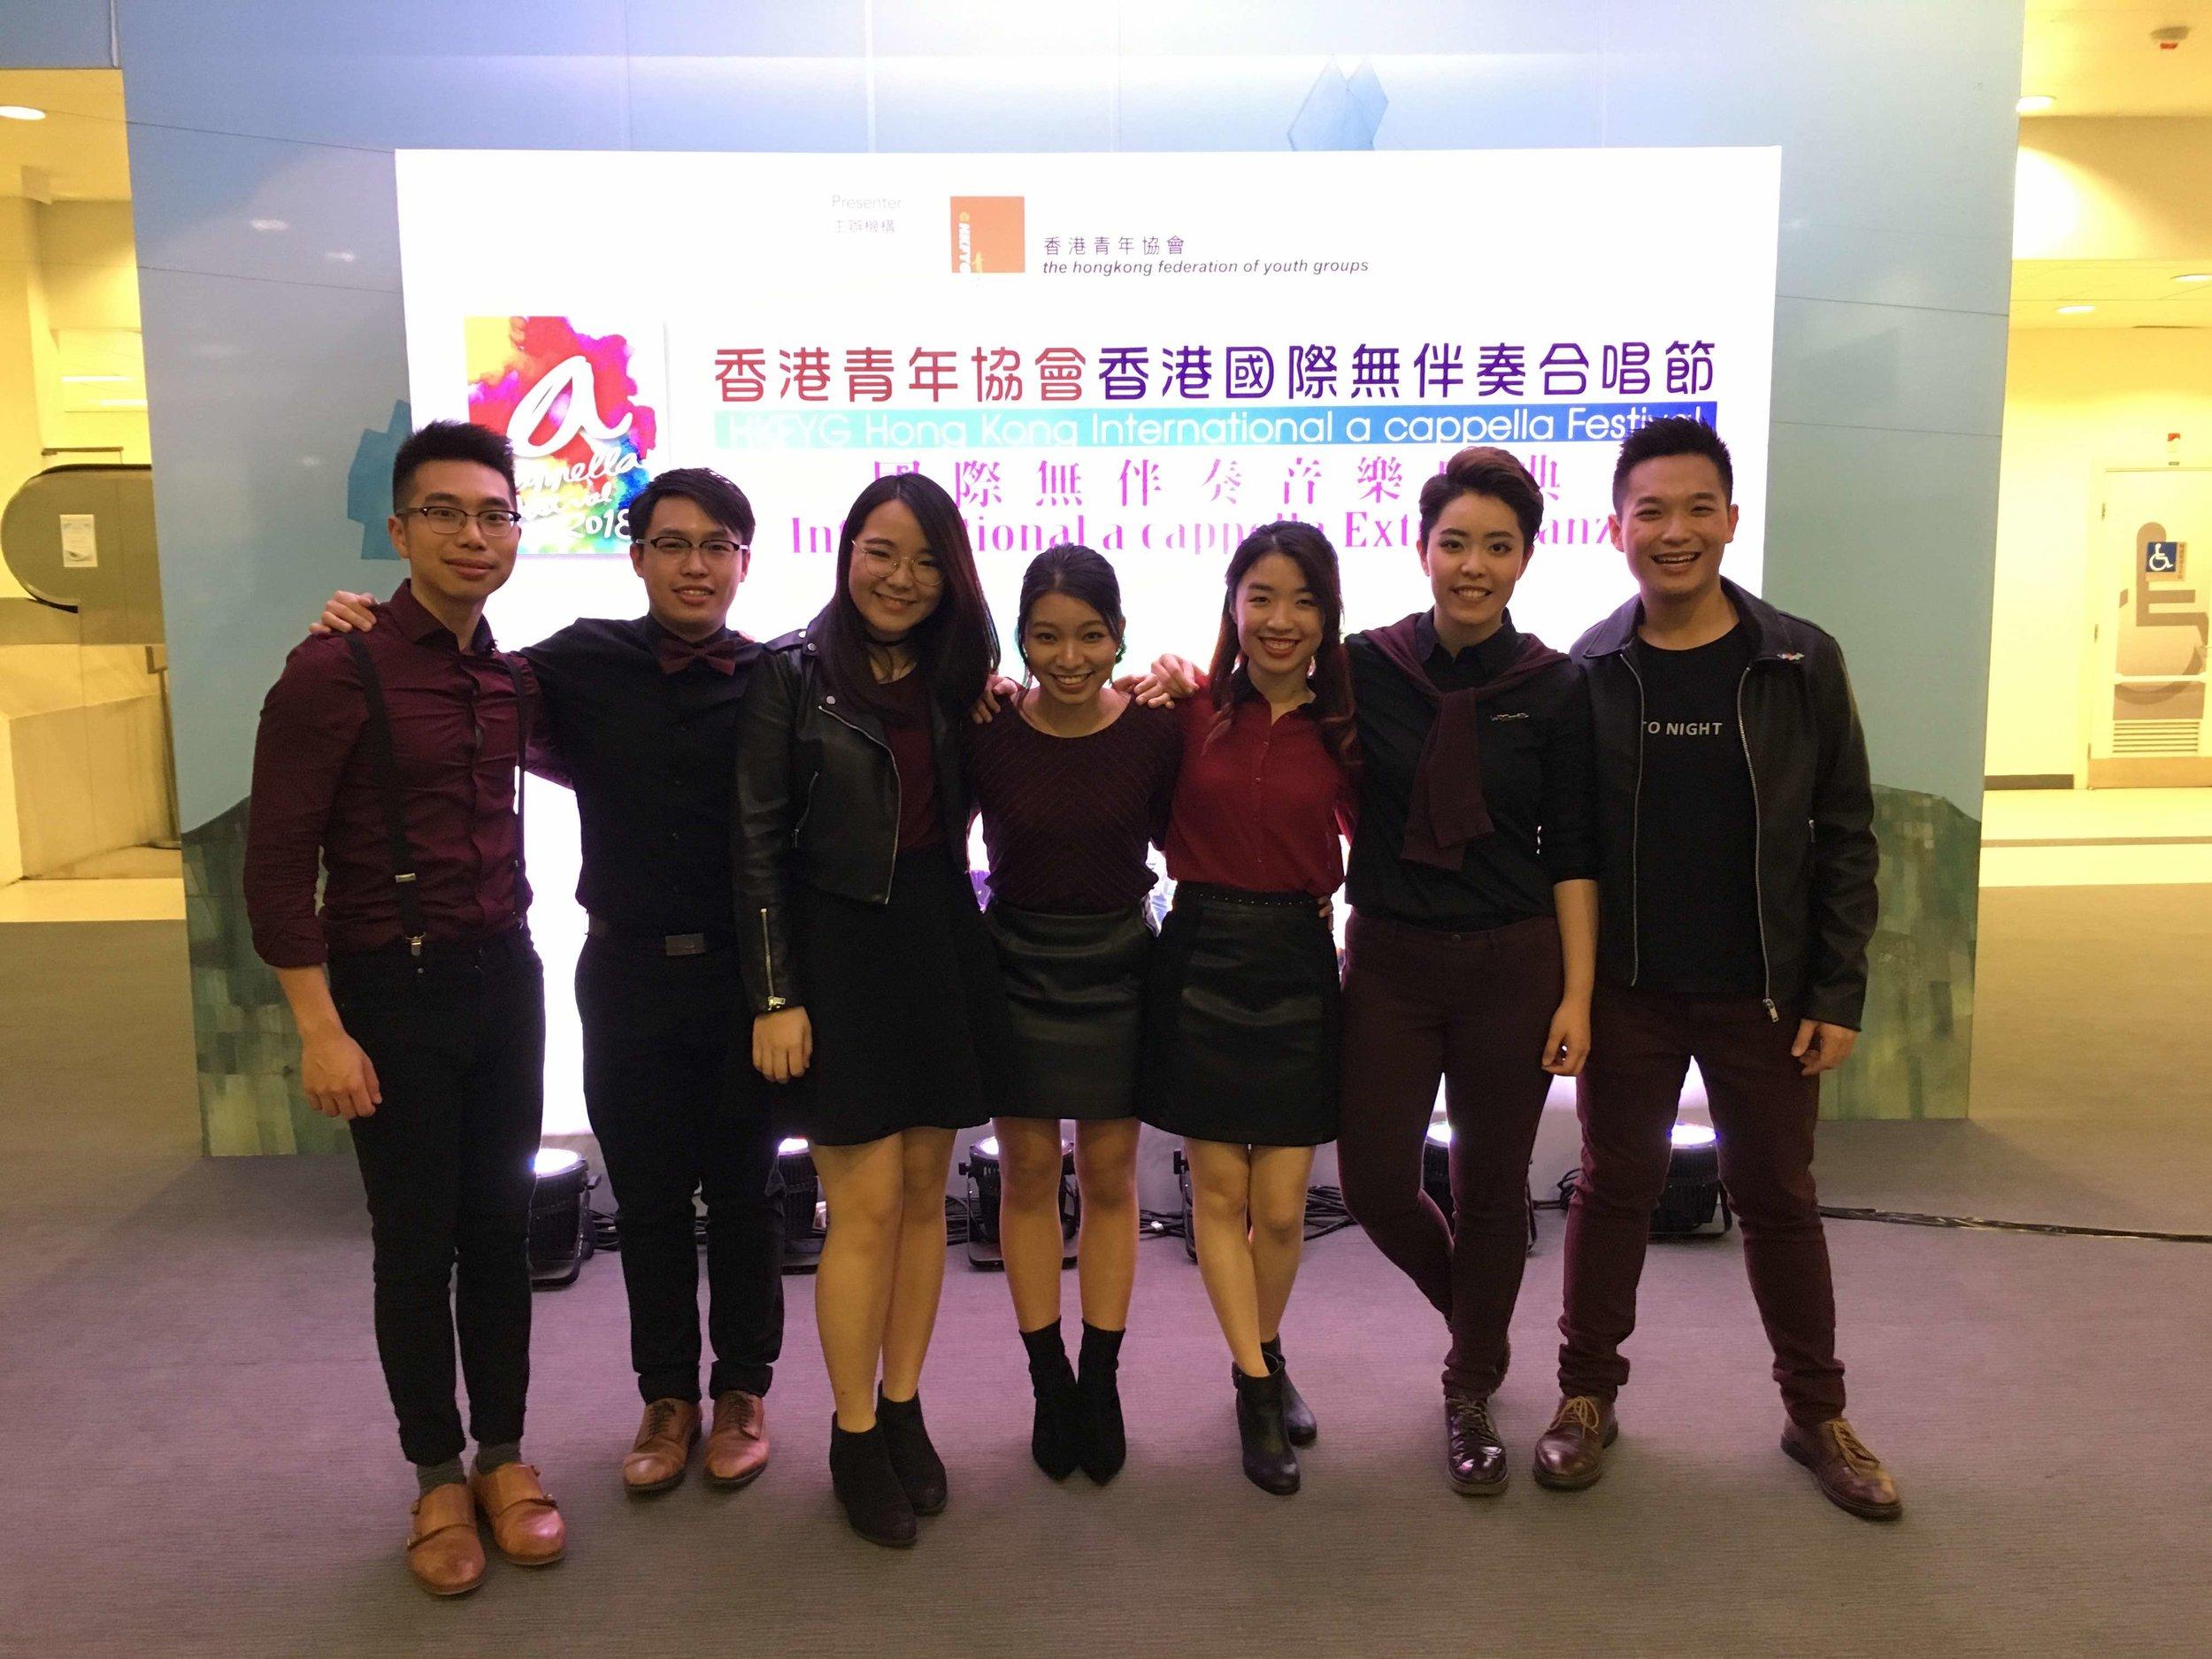 Boonfaysau 半肥瘦- Hong Kong A cappella group